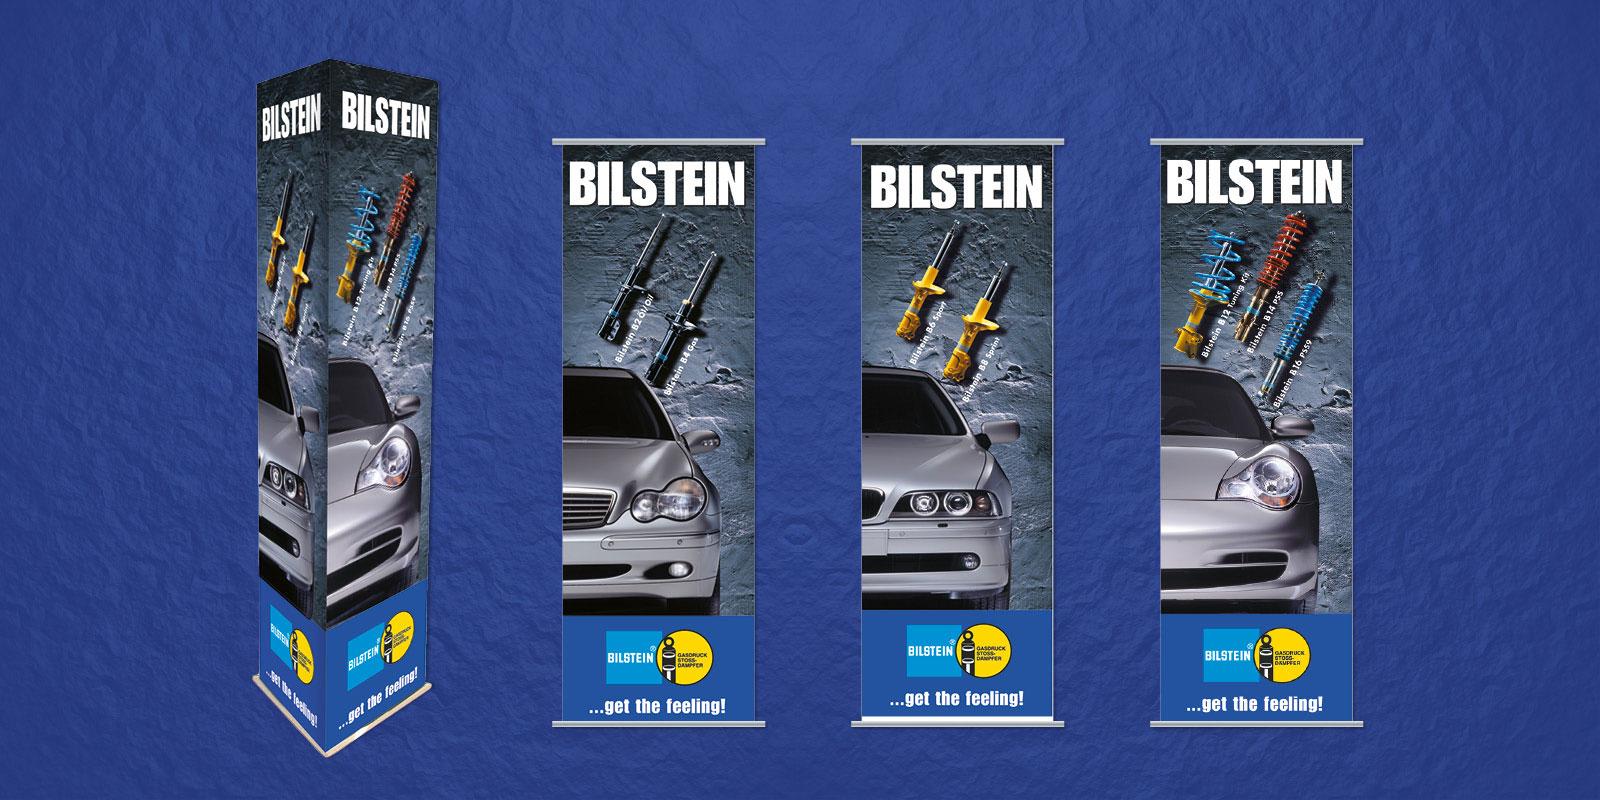 Bilstein – POS-Werbemittel (Aufsteller, Deckenhänger etc.)